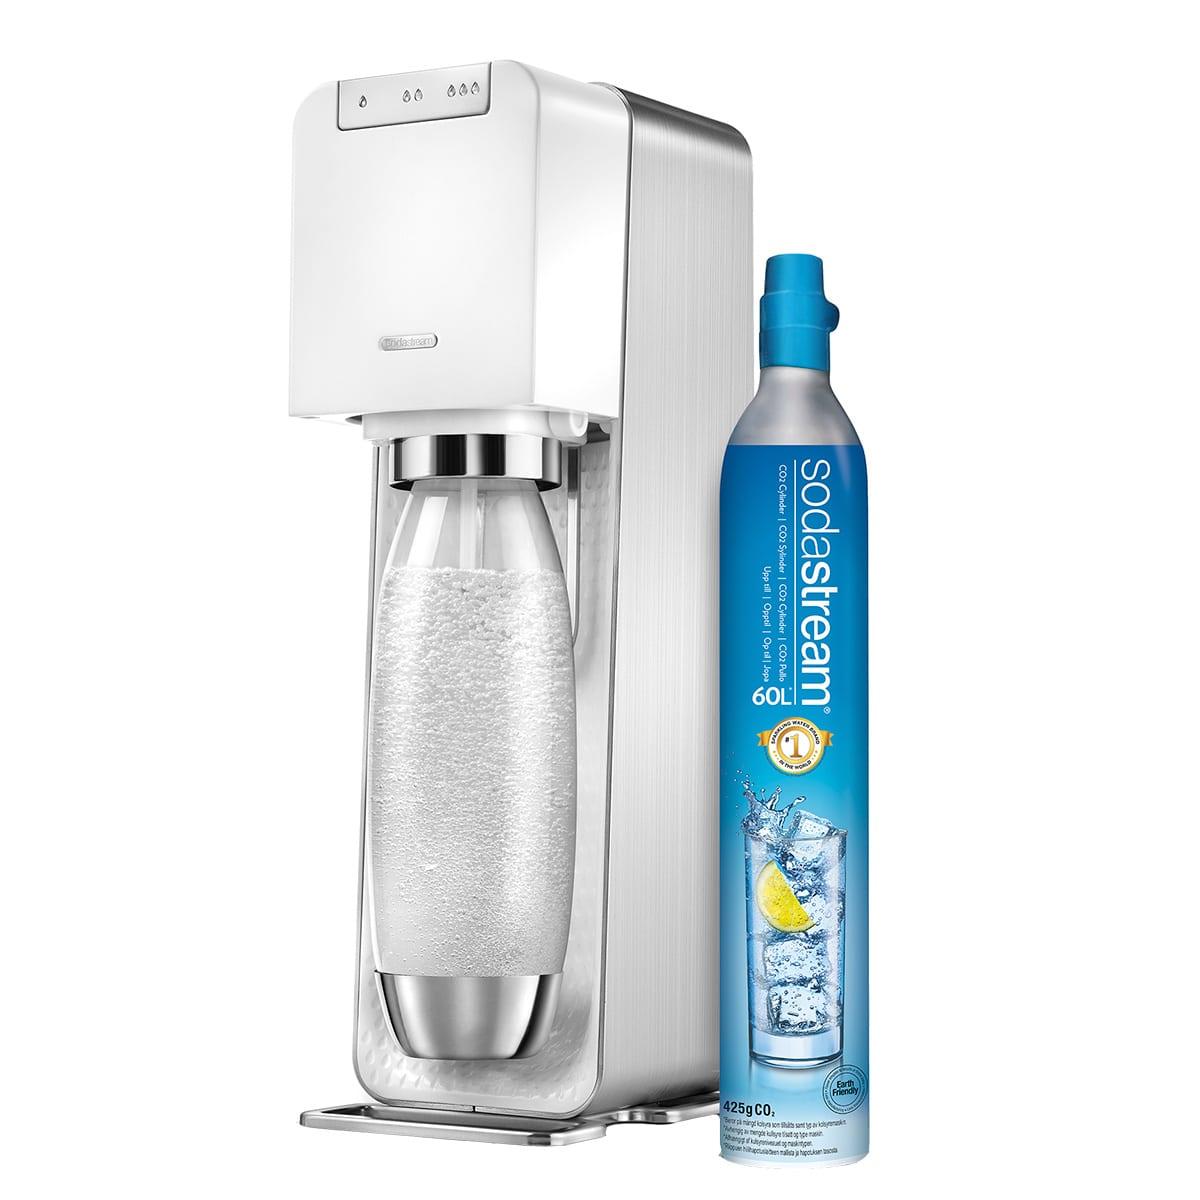 Elektrisk Sodastream maskine med 3 kulsyreniveauer